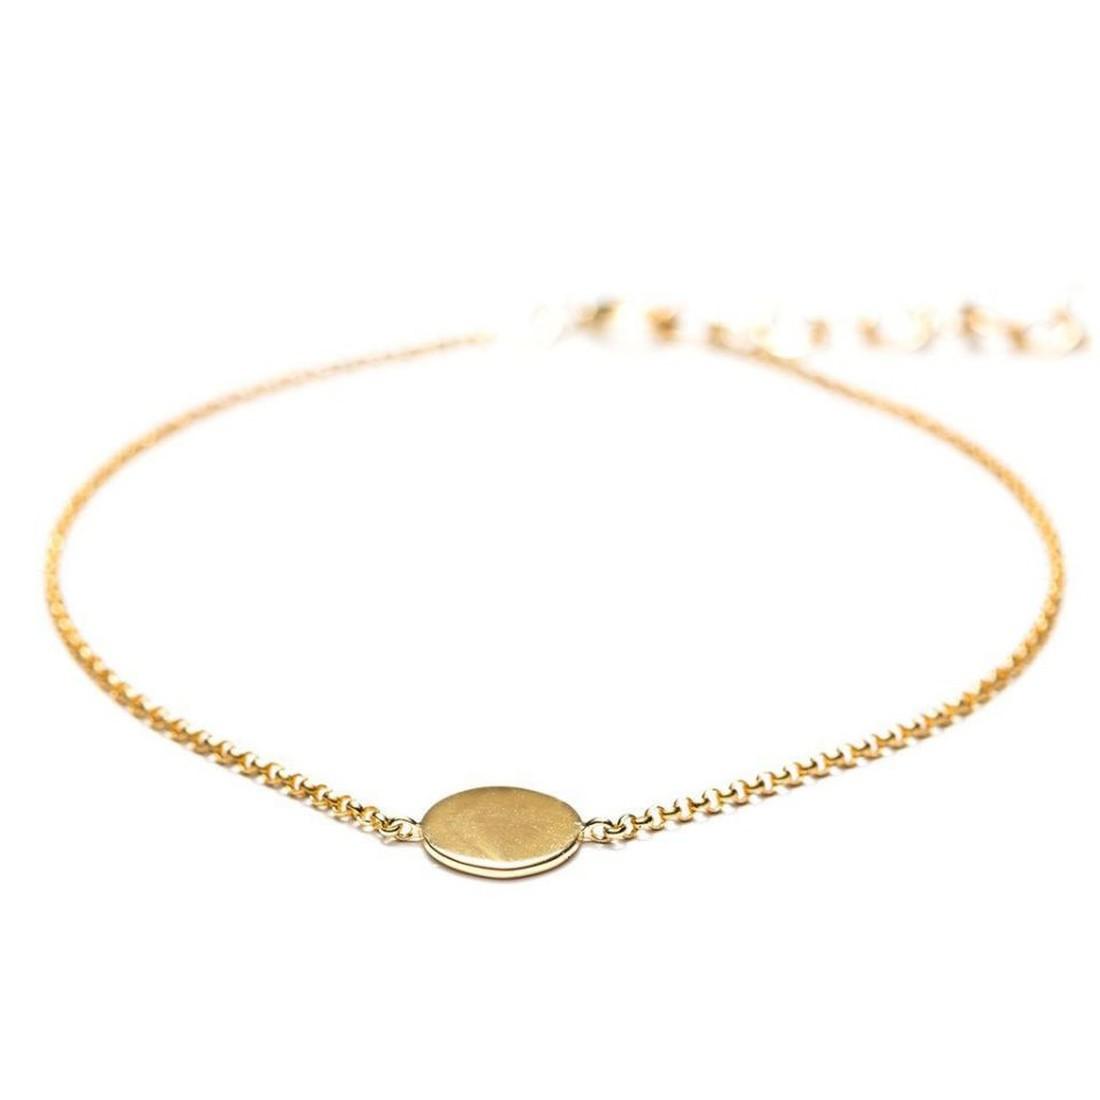 Кейт Миддлтон получила золотой браслет в подарок от Меган Маркл